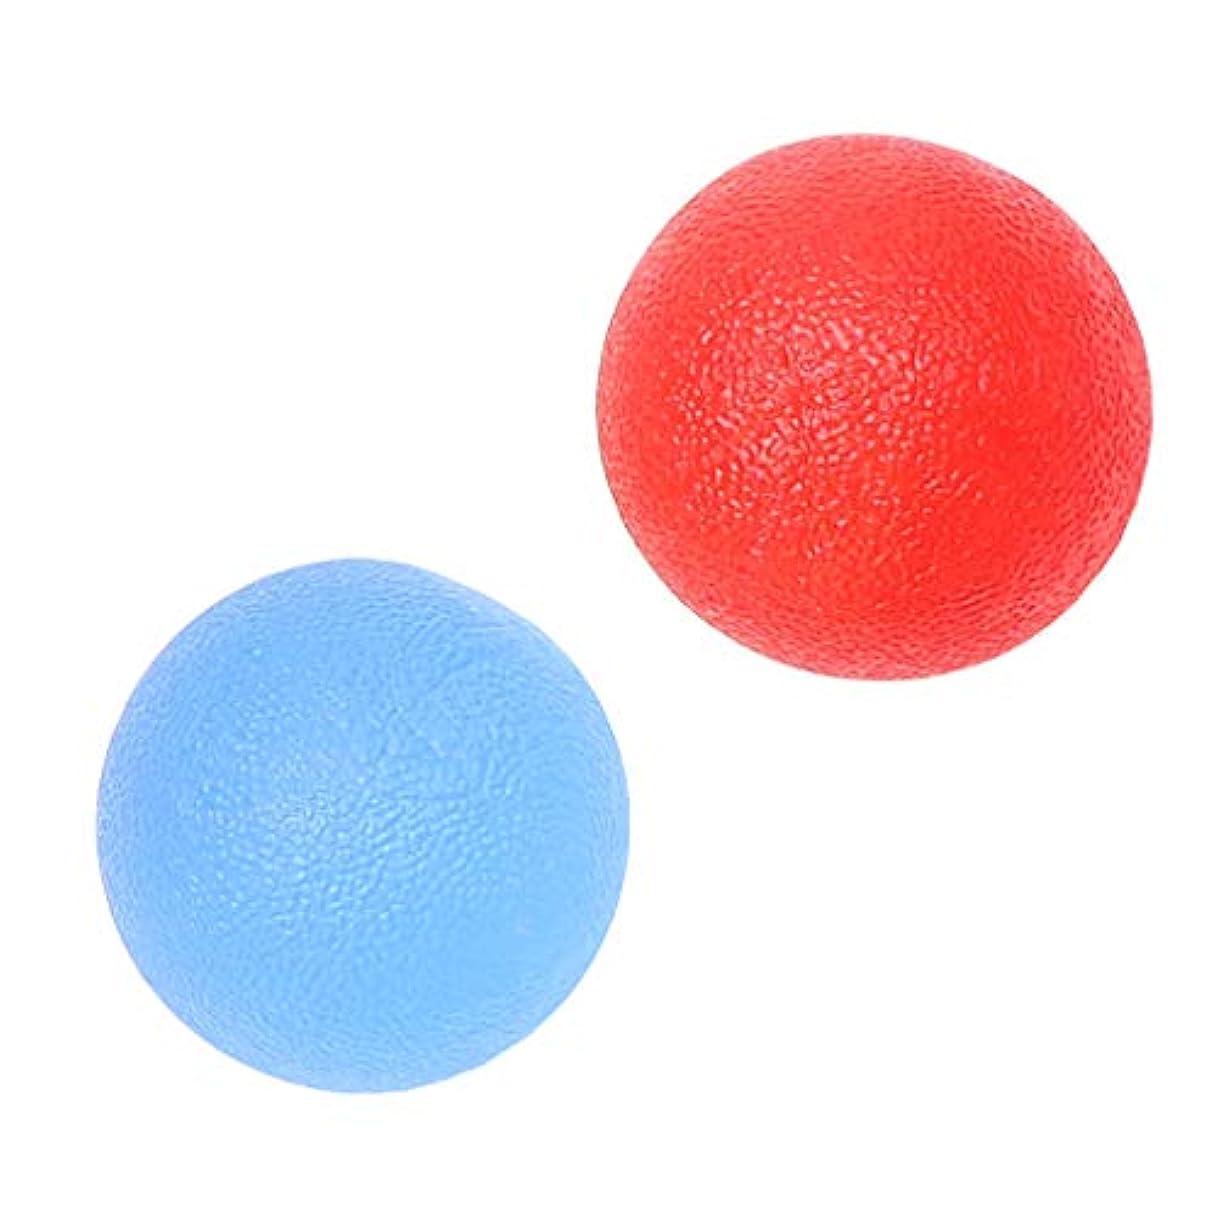 区画海峡句ハンドグリップ ボール シリコン マッサージ 指トレーニング ストレス緩和 赤/青 2個入